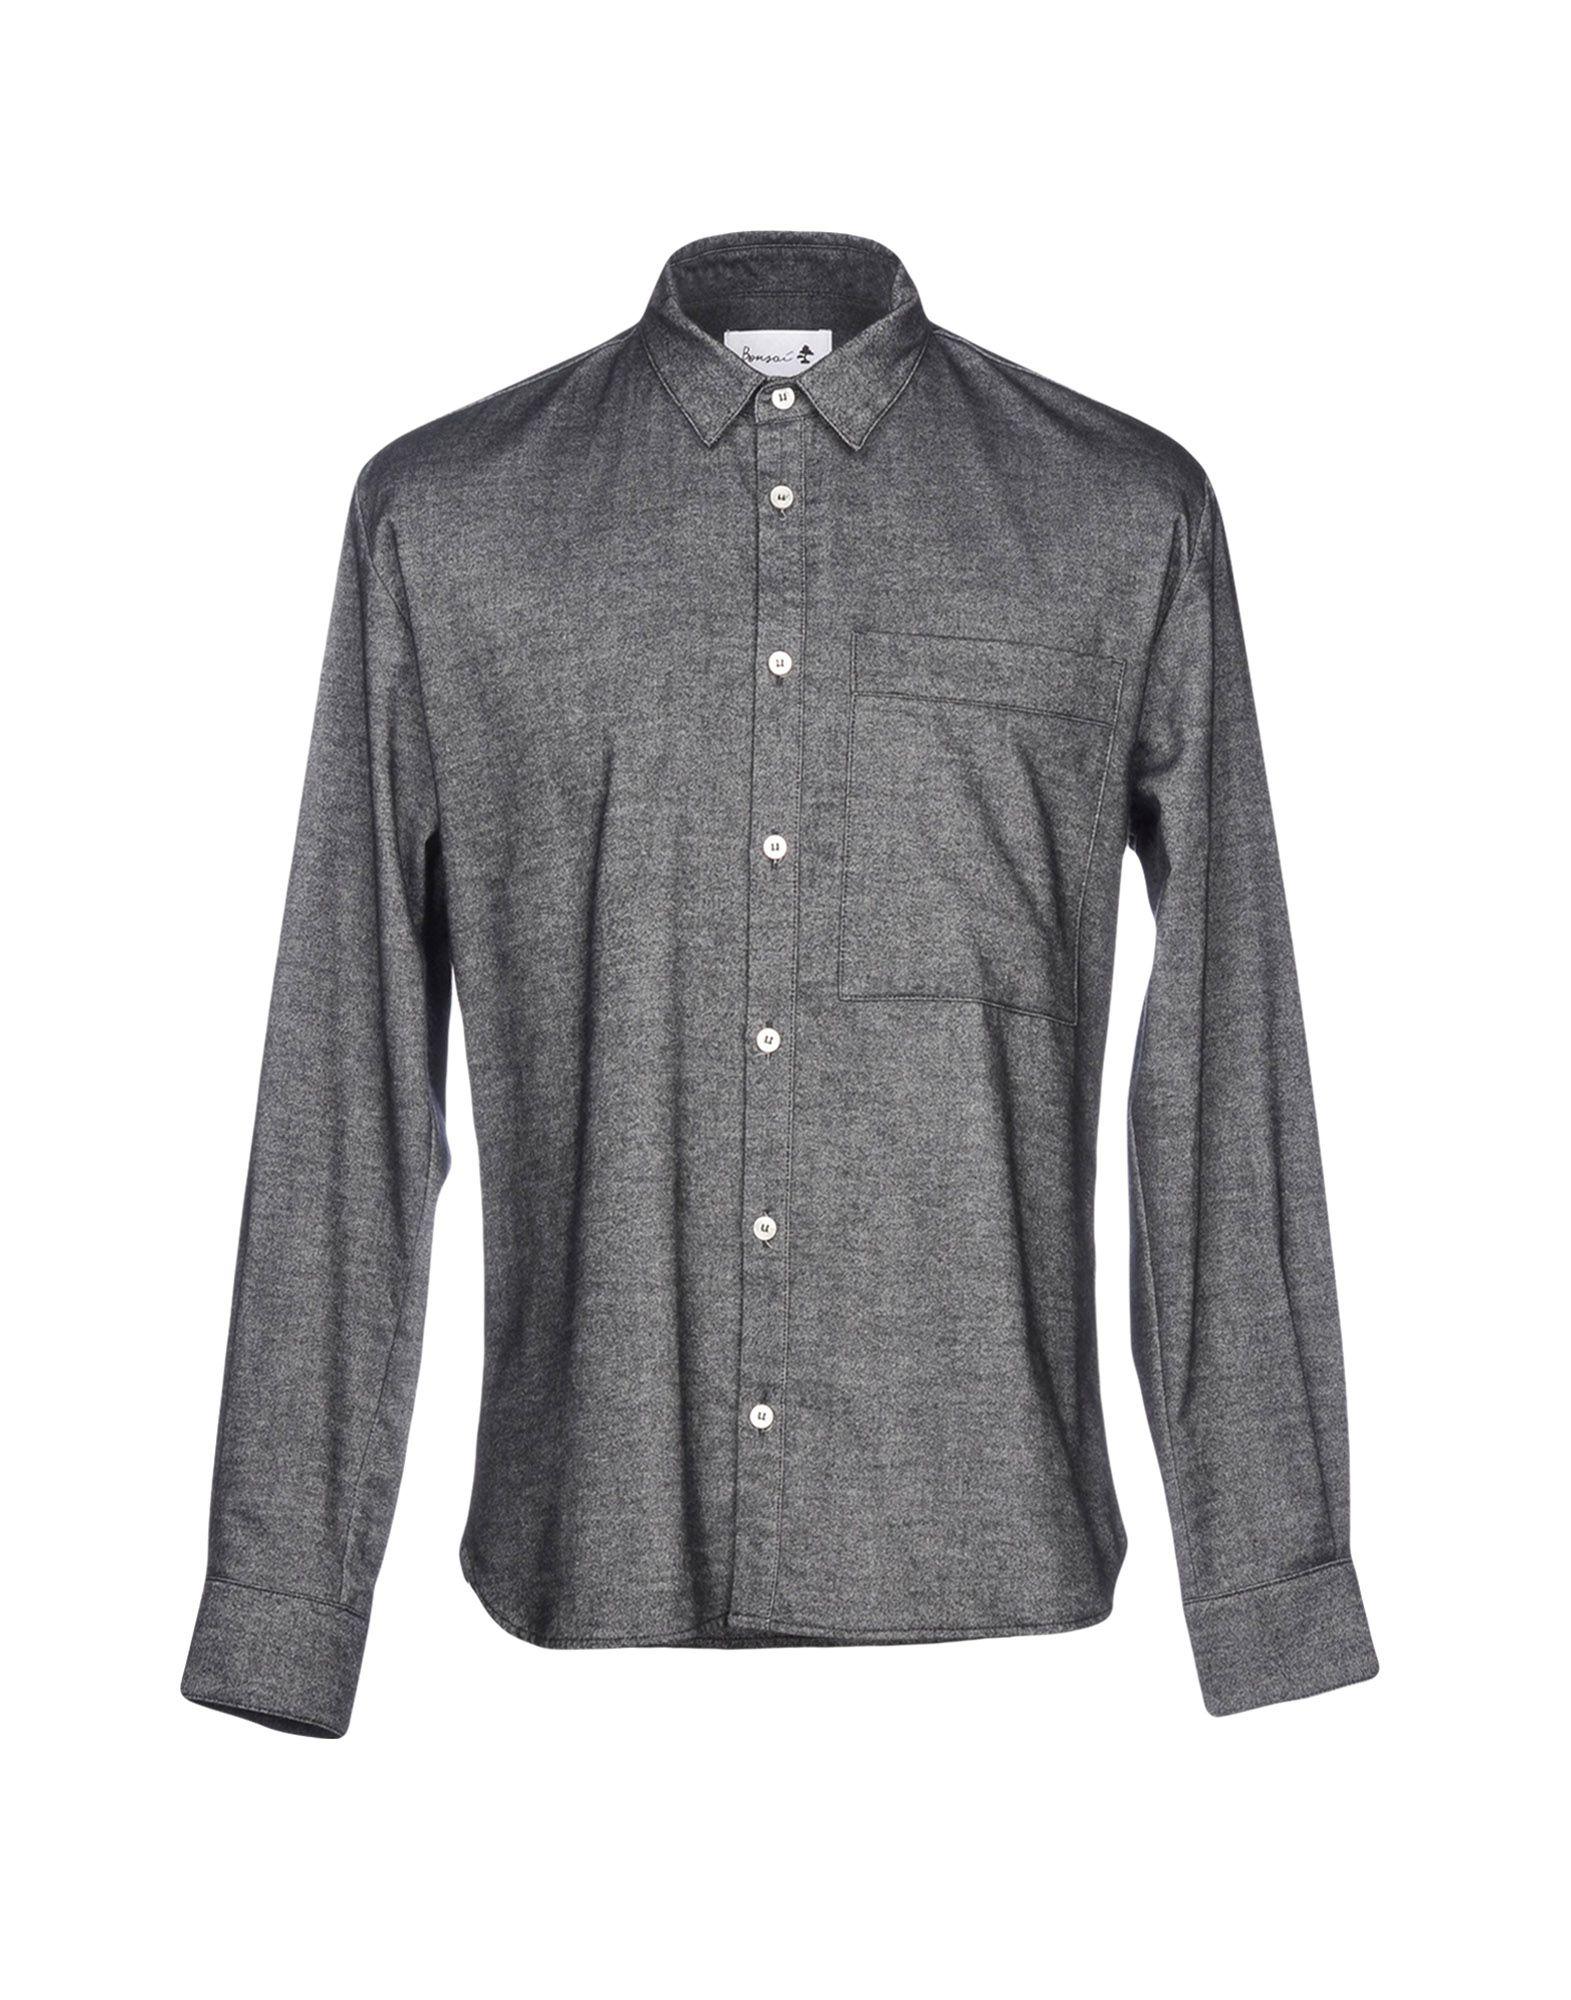 《送料無料》BONSAI メンズ シャツ スチールグレー XS コットン 100%